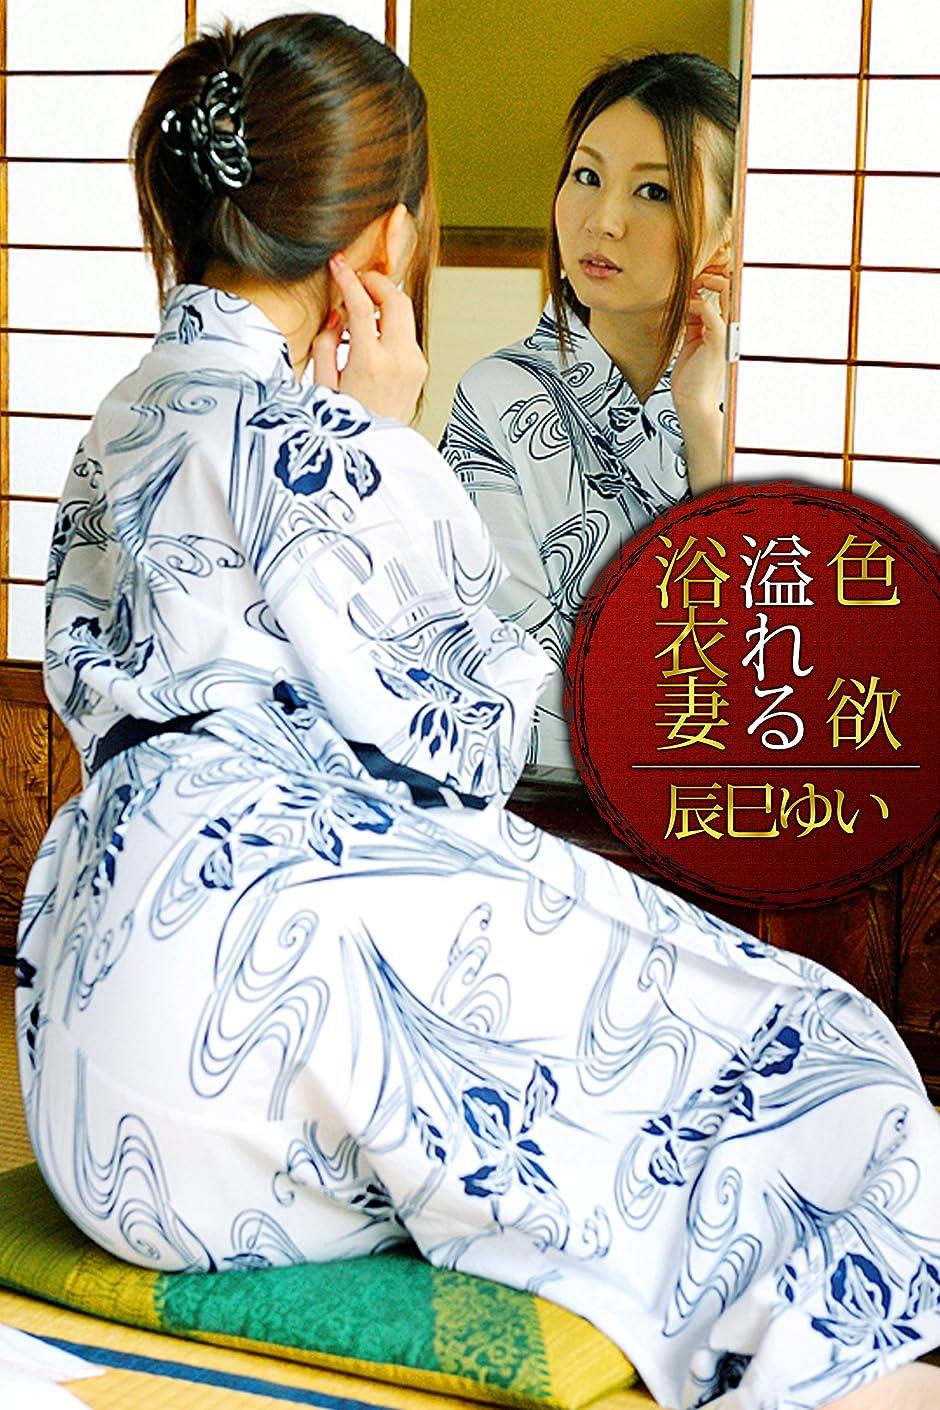 ファンブル傾向がありますコンテンツ色欲溢れる浴衣妻 辰巳ゆい ギリ見せ☆